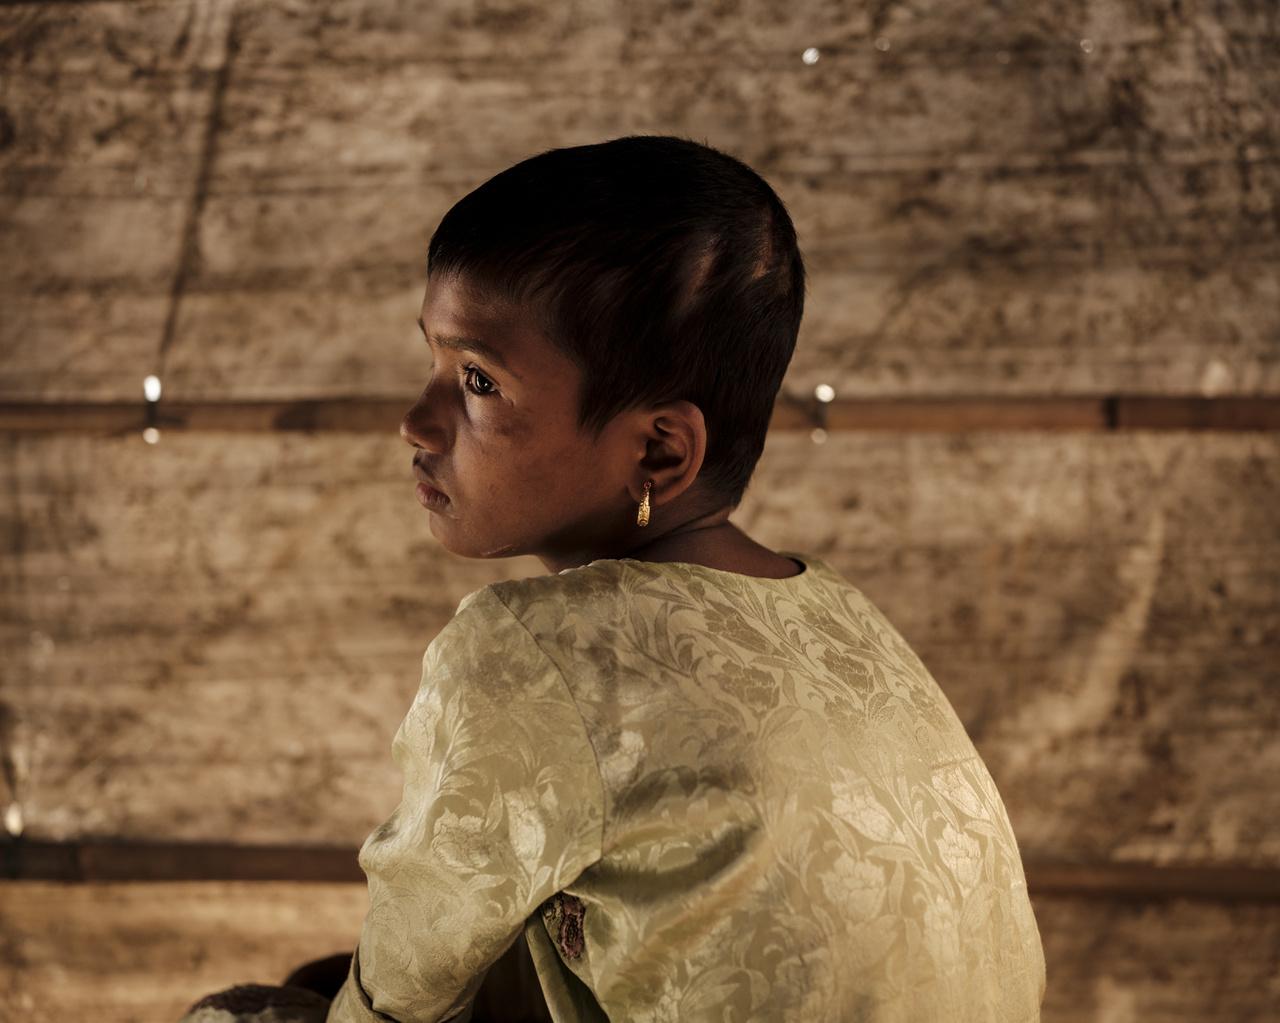 A 10 éves Noor Kalimát csak megsebesítették a katonák - arcán és a fején több helyen láthatók vágásnyomok. Anyjával ketten élték túl a Tula Toli mészárlást a hatfős családjukból.